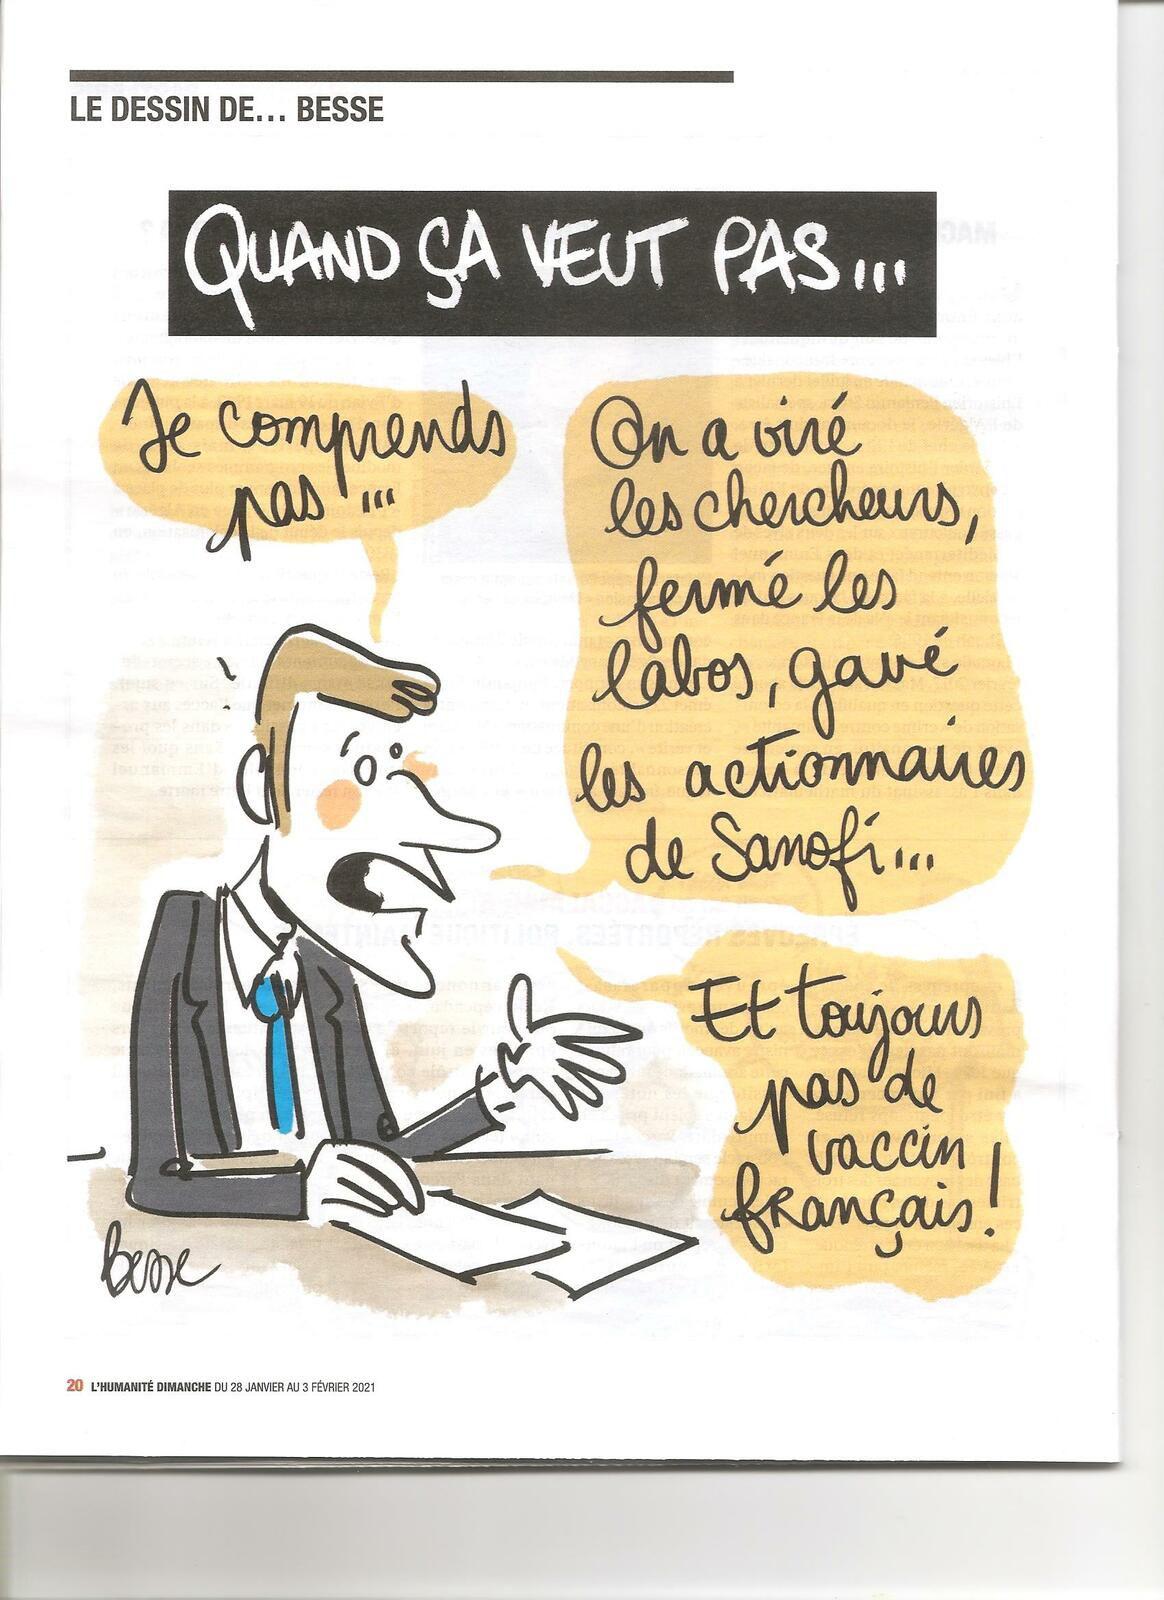 VACCIN, Sanofi et Institut Pasteur, pourquoi ce double échec?